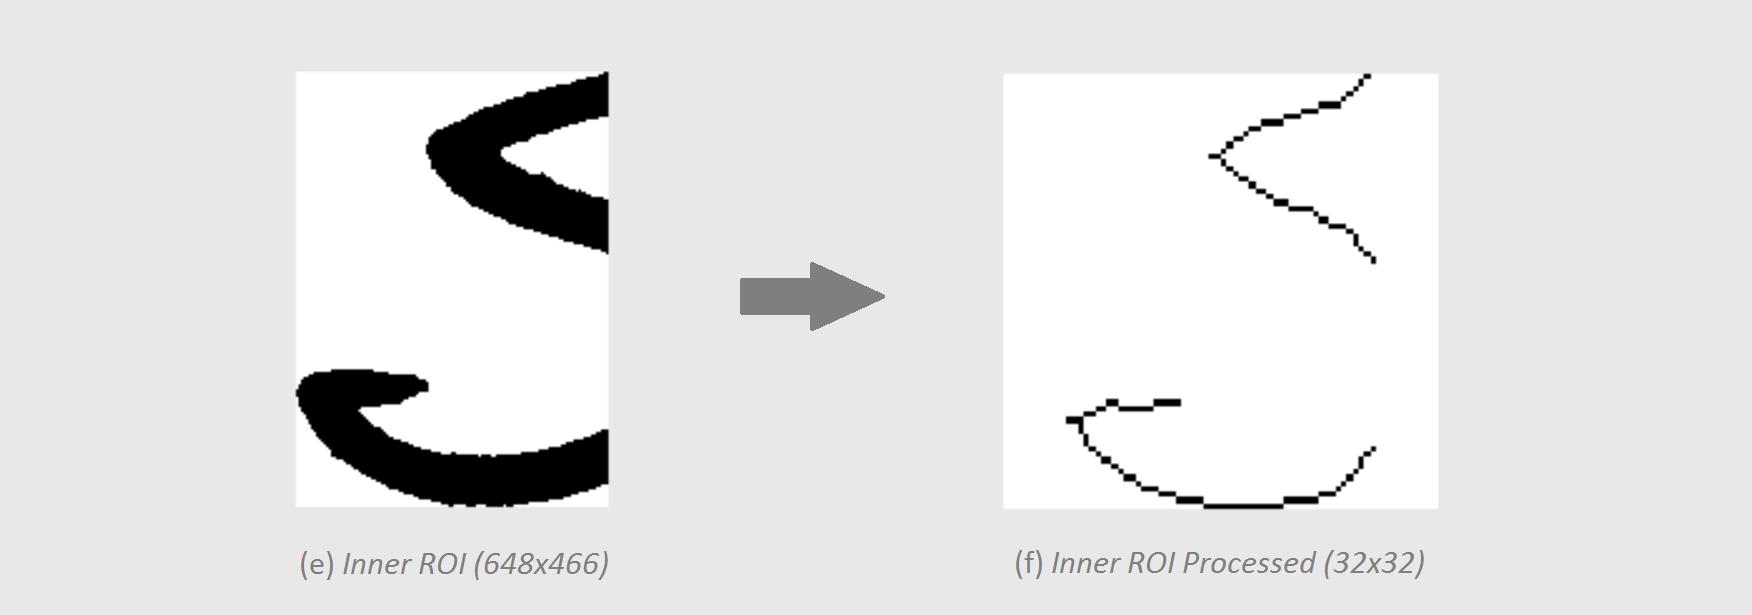 roi_processing